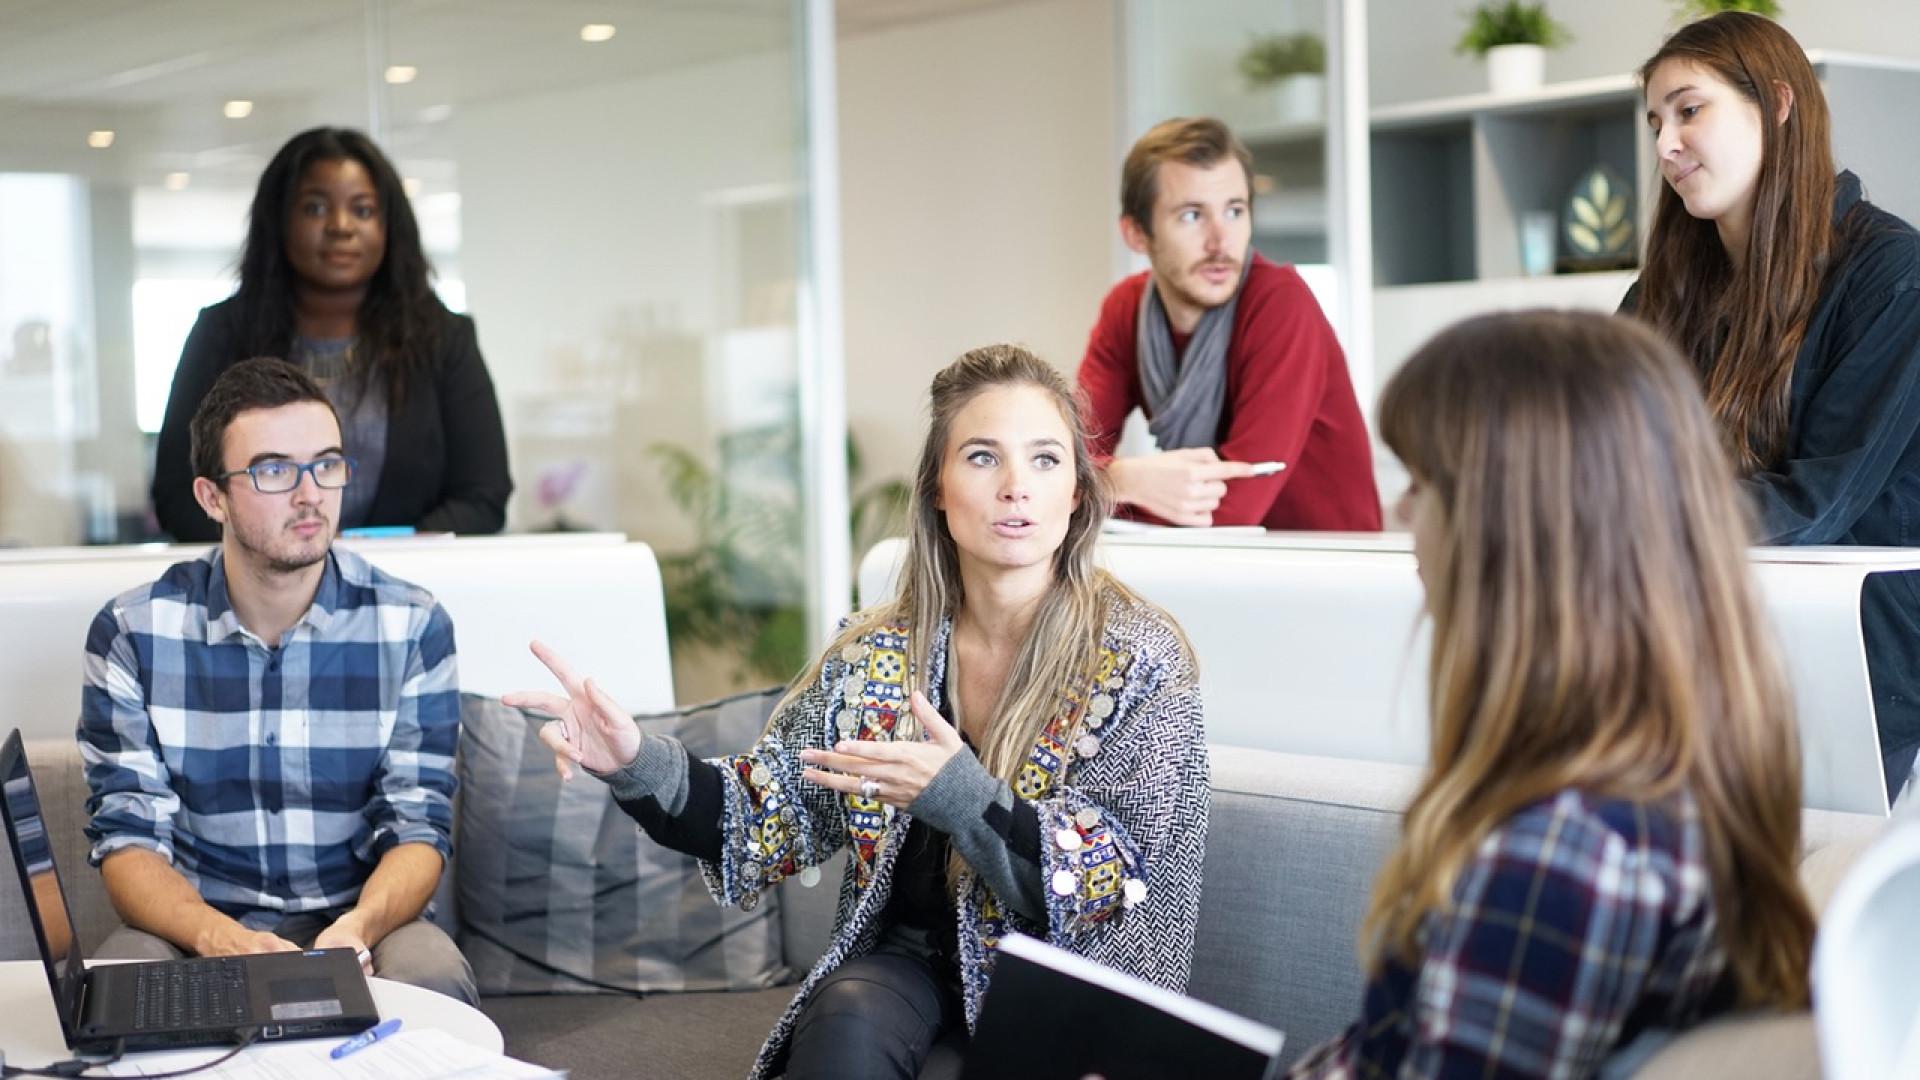 Développer un business : donner de la visibilité à votre commerce en ligne 1